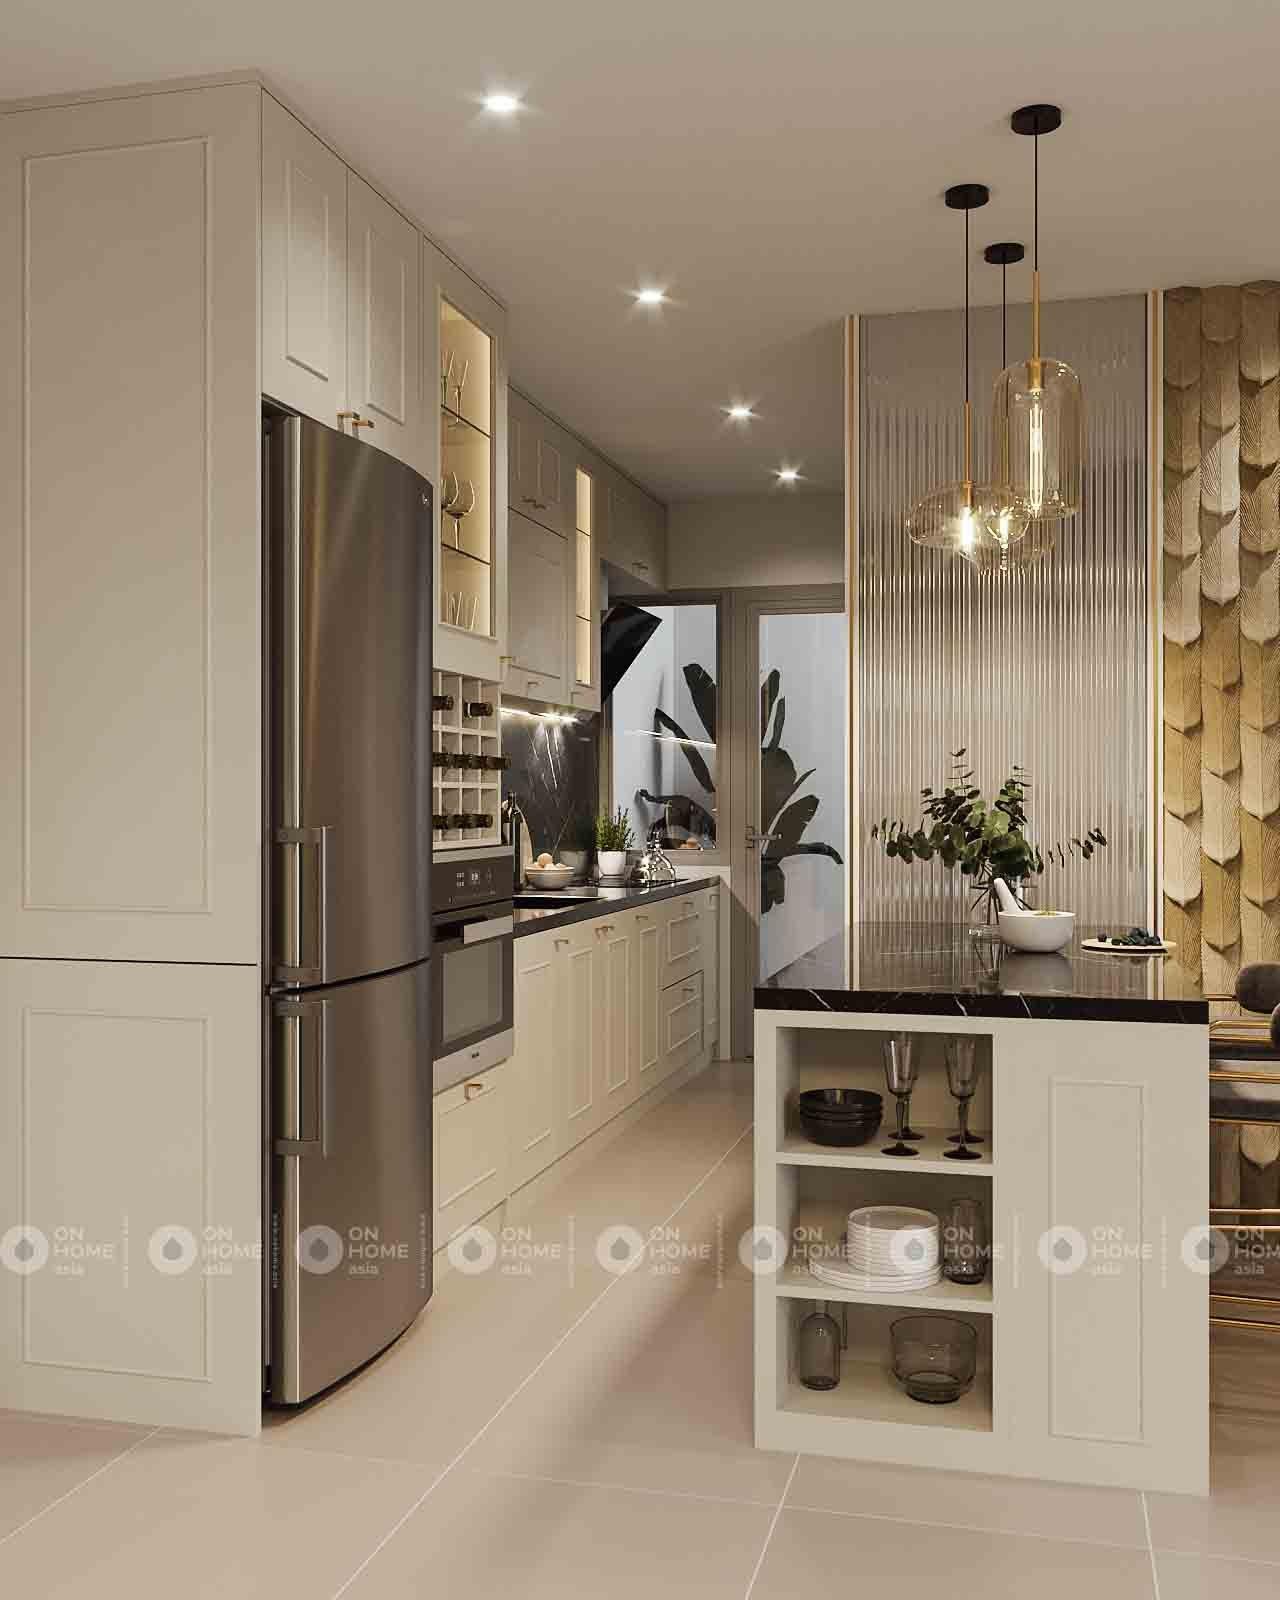 thiết kế nhà bếp hiện đại căn hộ compass one